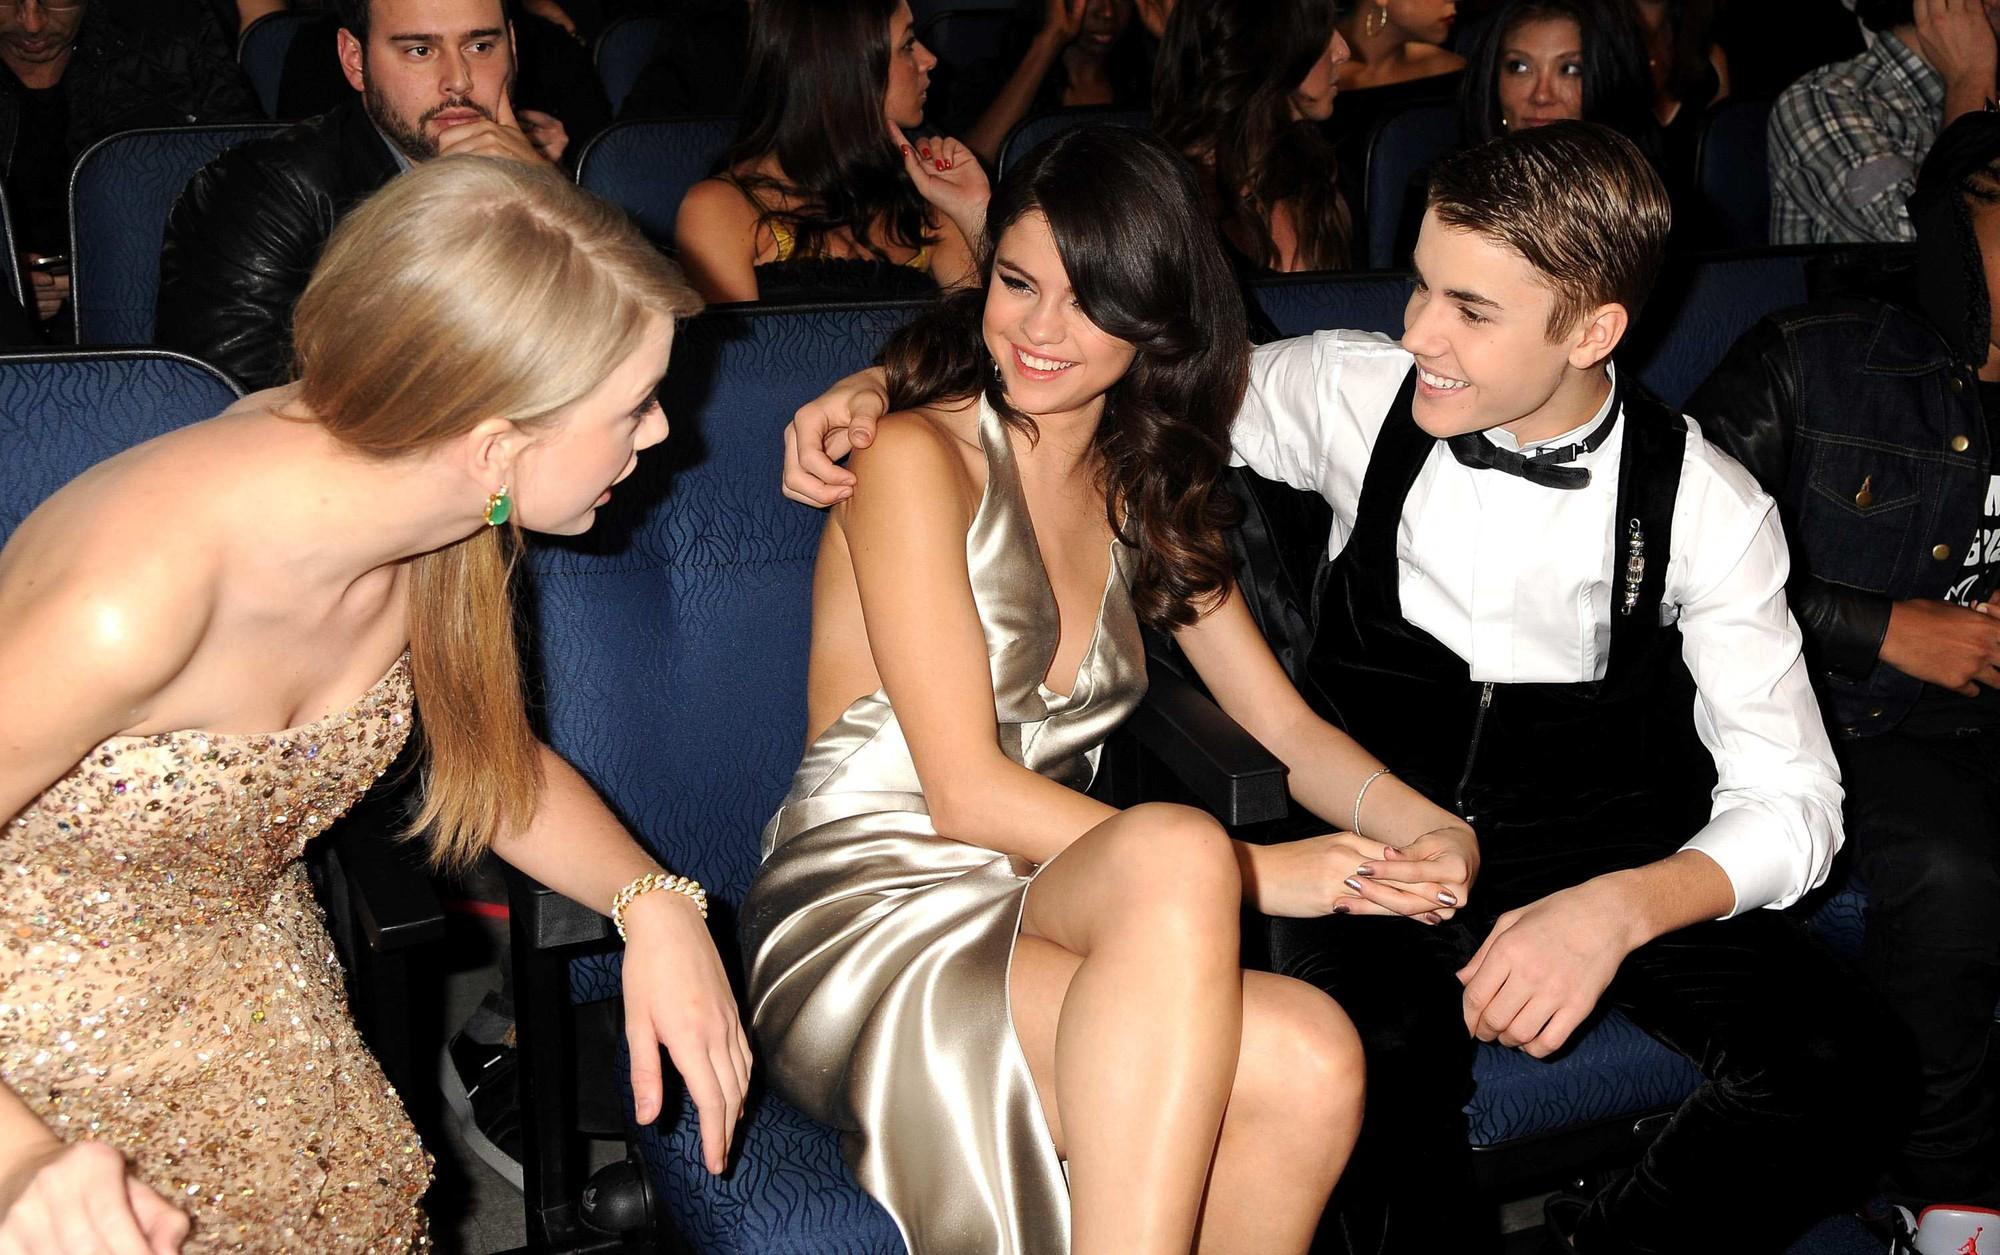 Tình cũ và bạn thân cũ đại chiến, Selena Gomez xuất hiện với thái độ chú ý: Thoải mái để mặt mộc, cười phớ lớ - Ảnh 8.